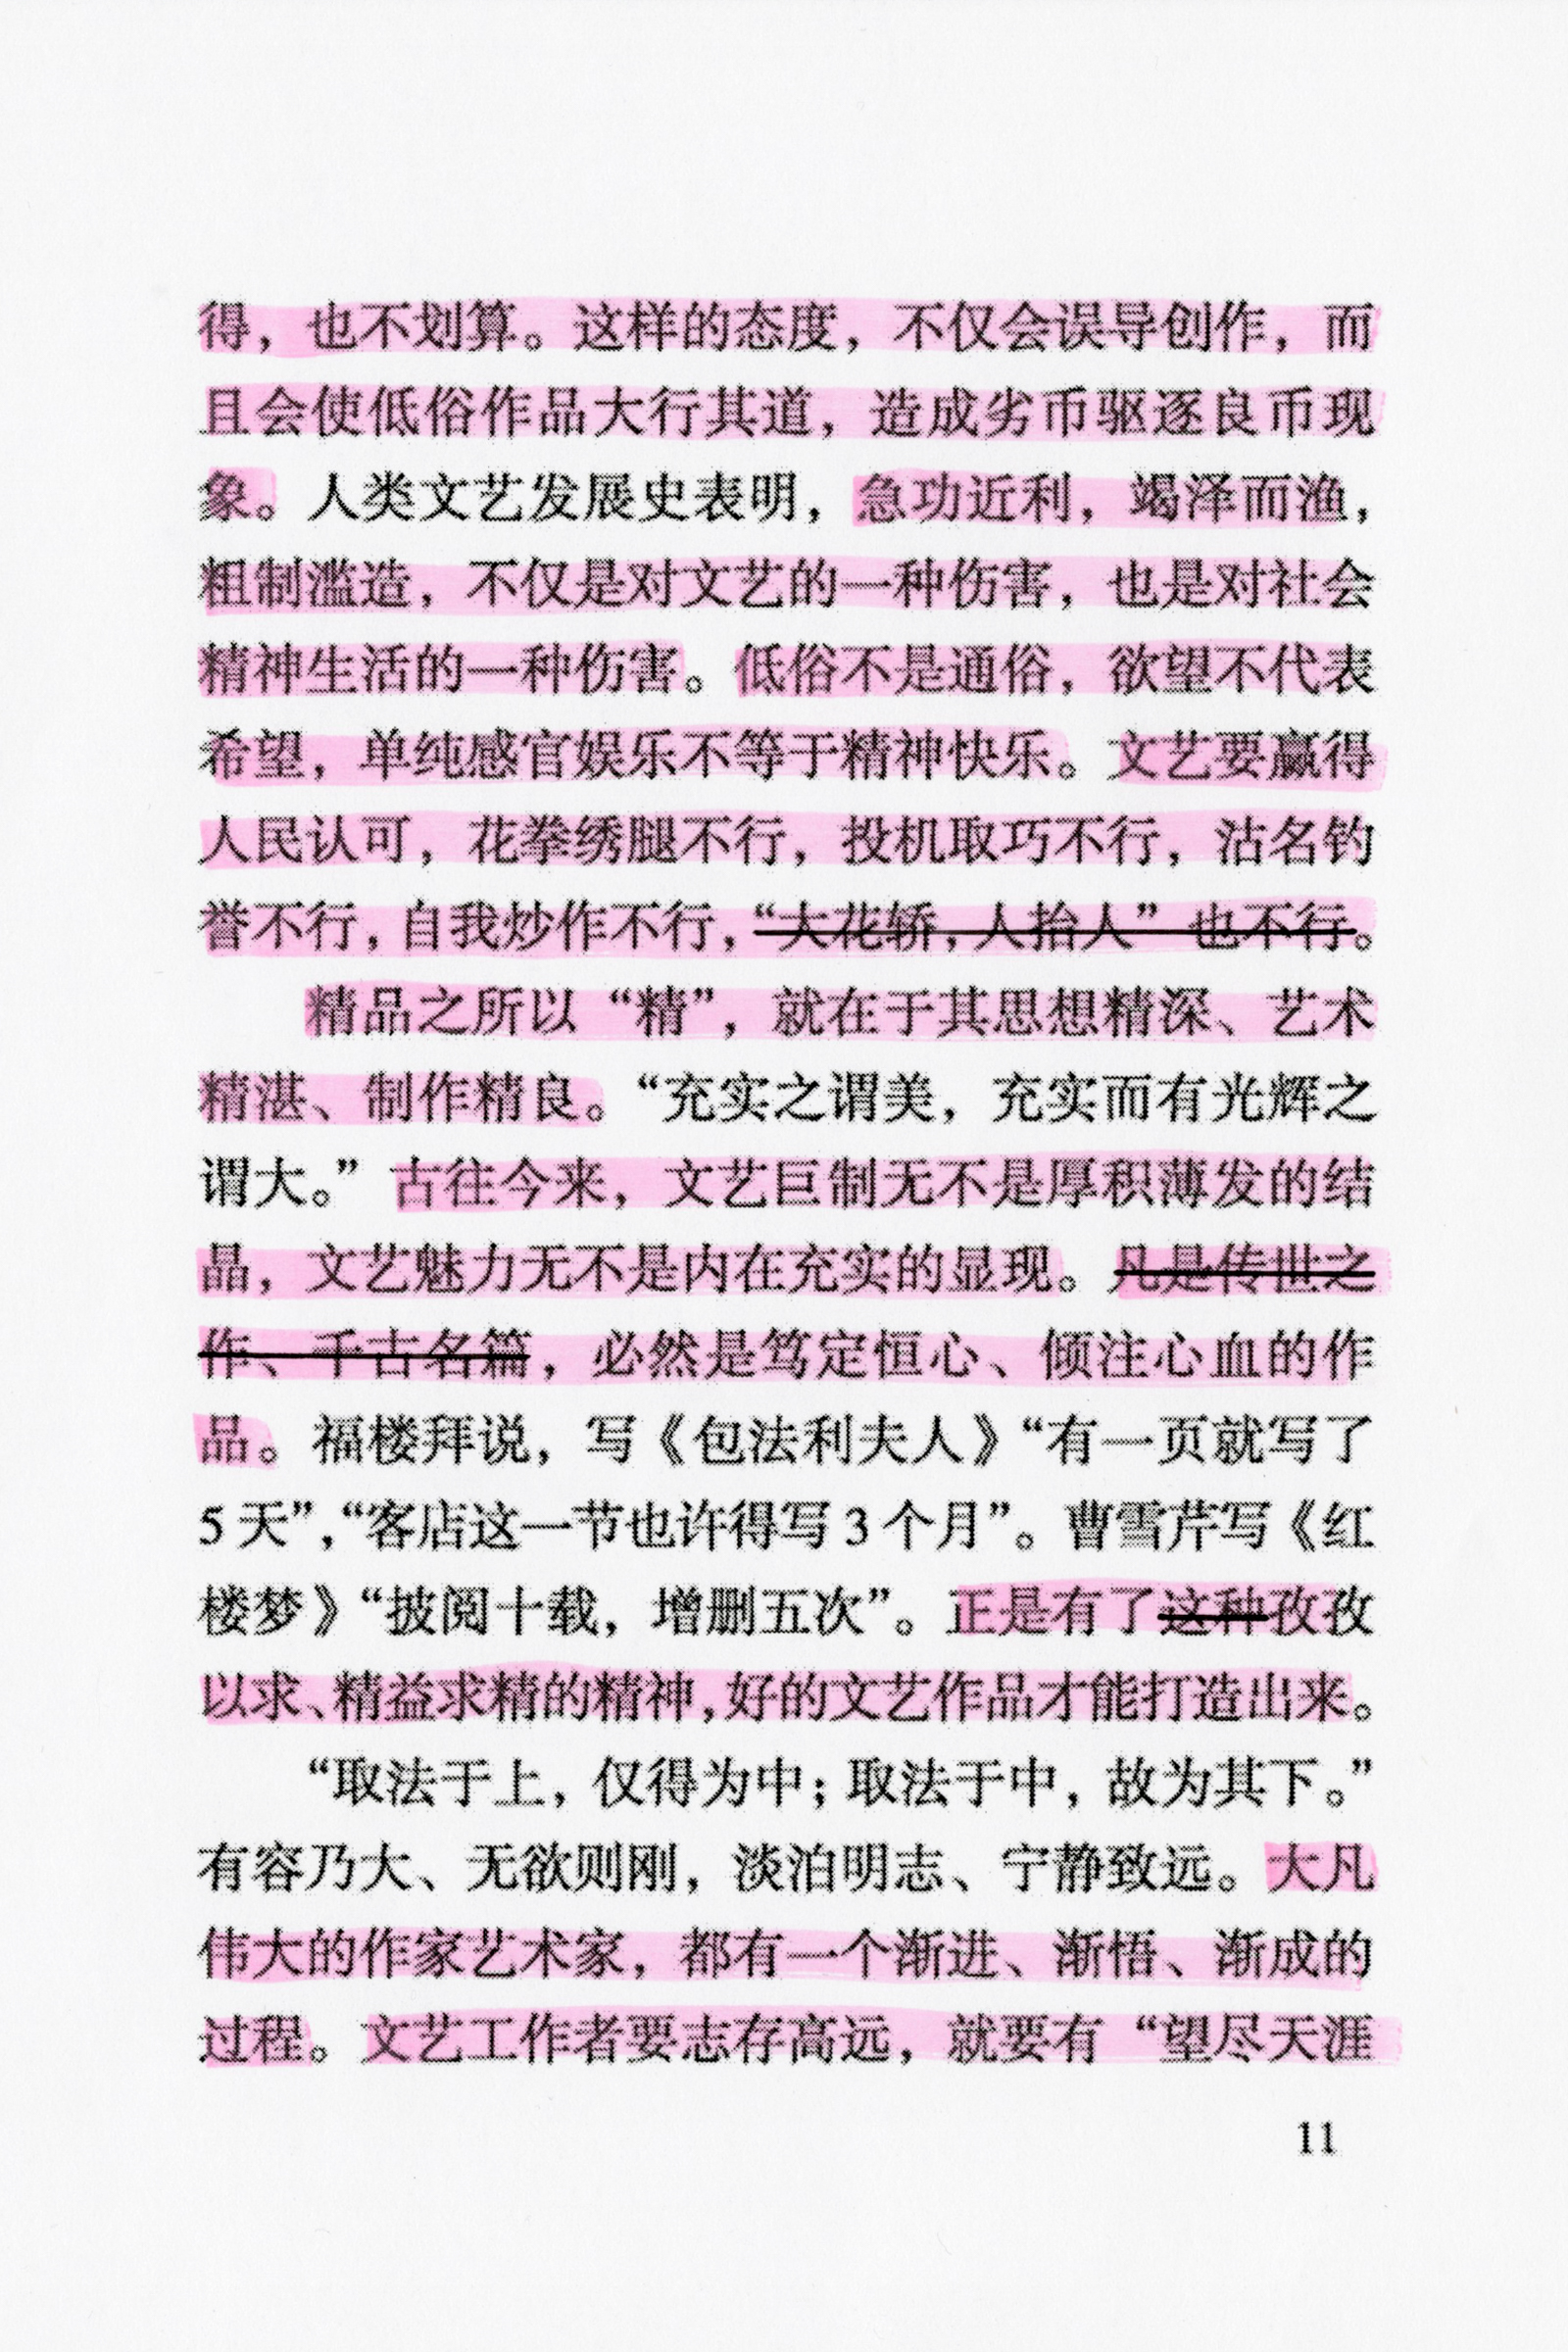 Xi2-3-12.jpg